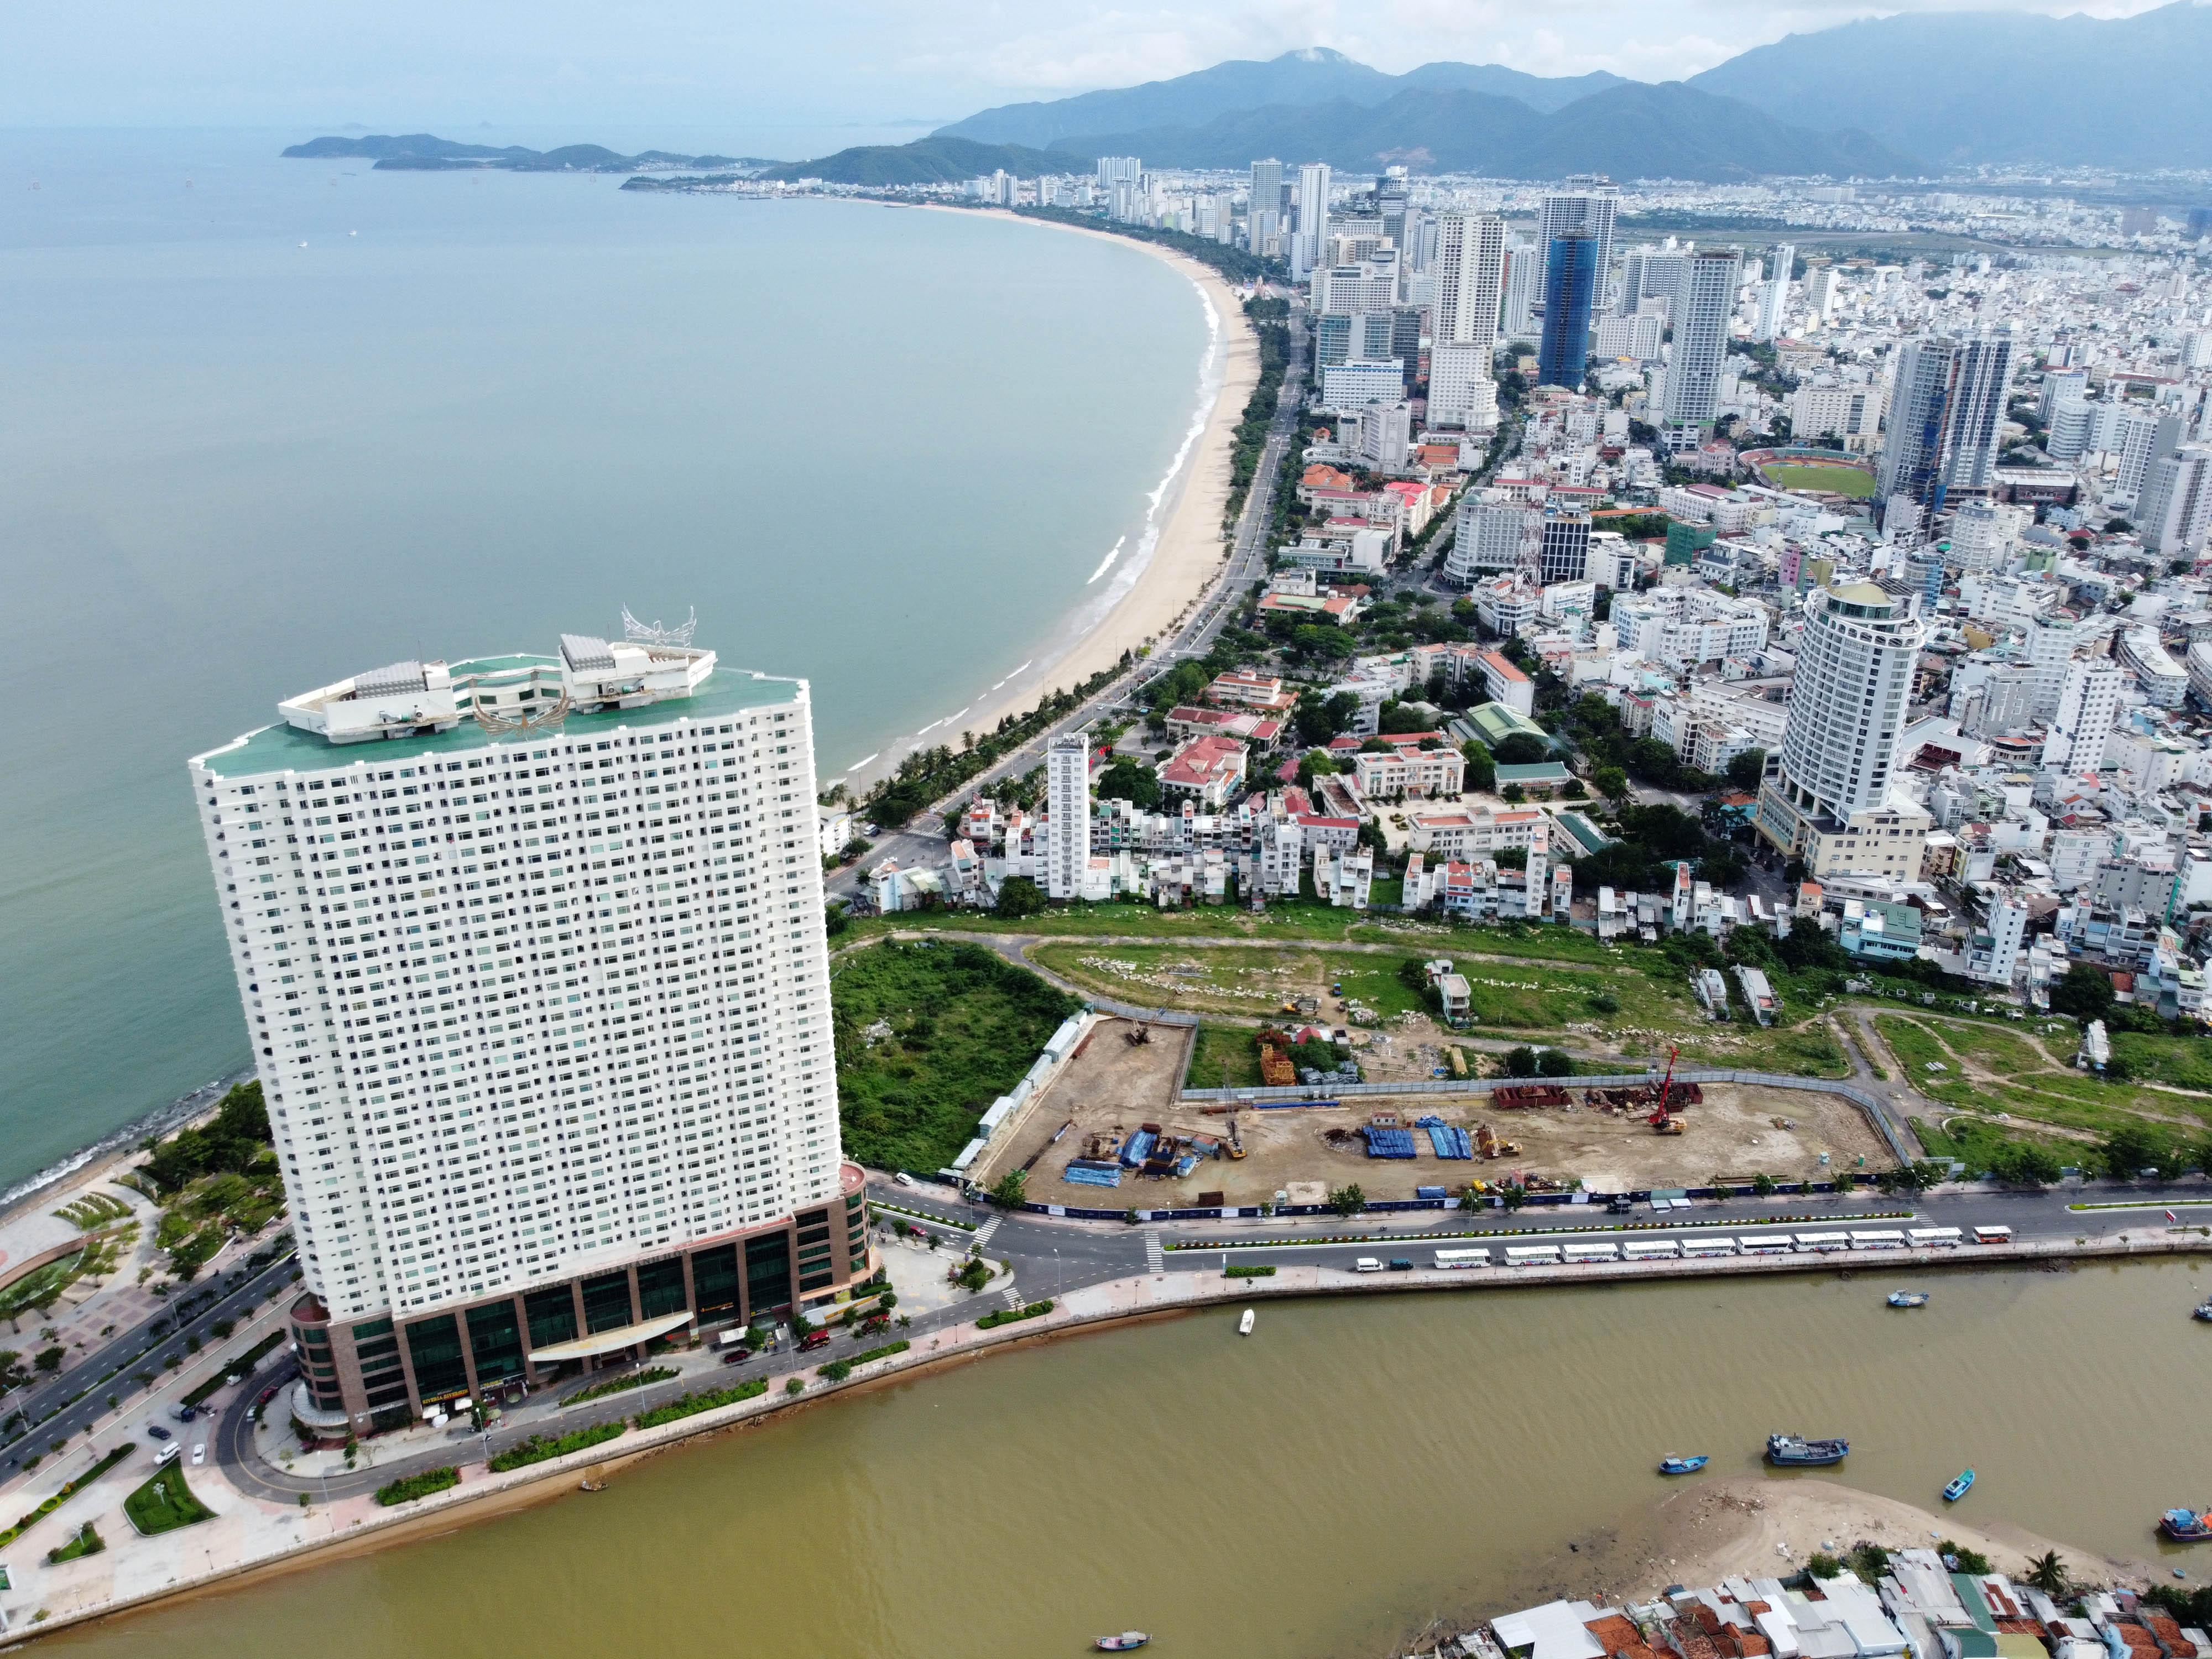 Bất động sản Nha Trang – Khánh Hòa chờ cuộc thanh lọc các nhà đầu tư - Ảnh 1.